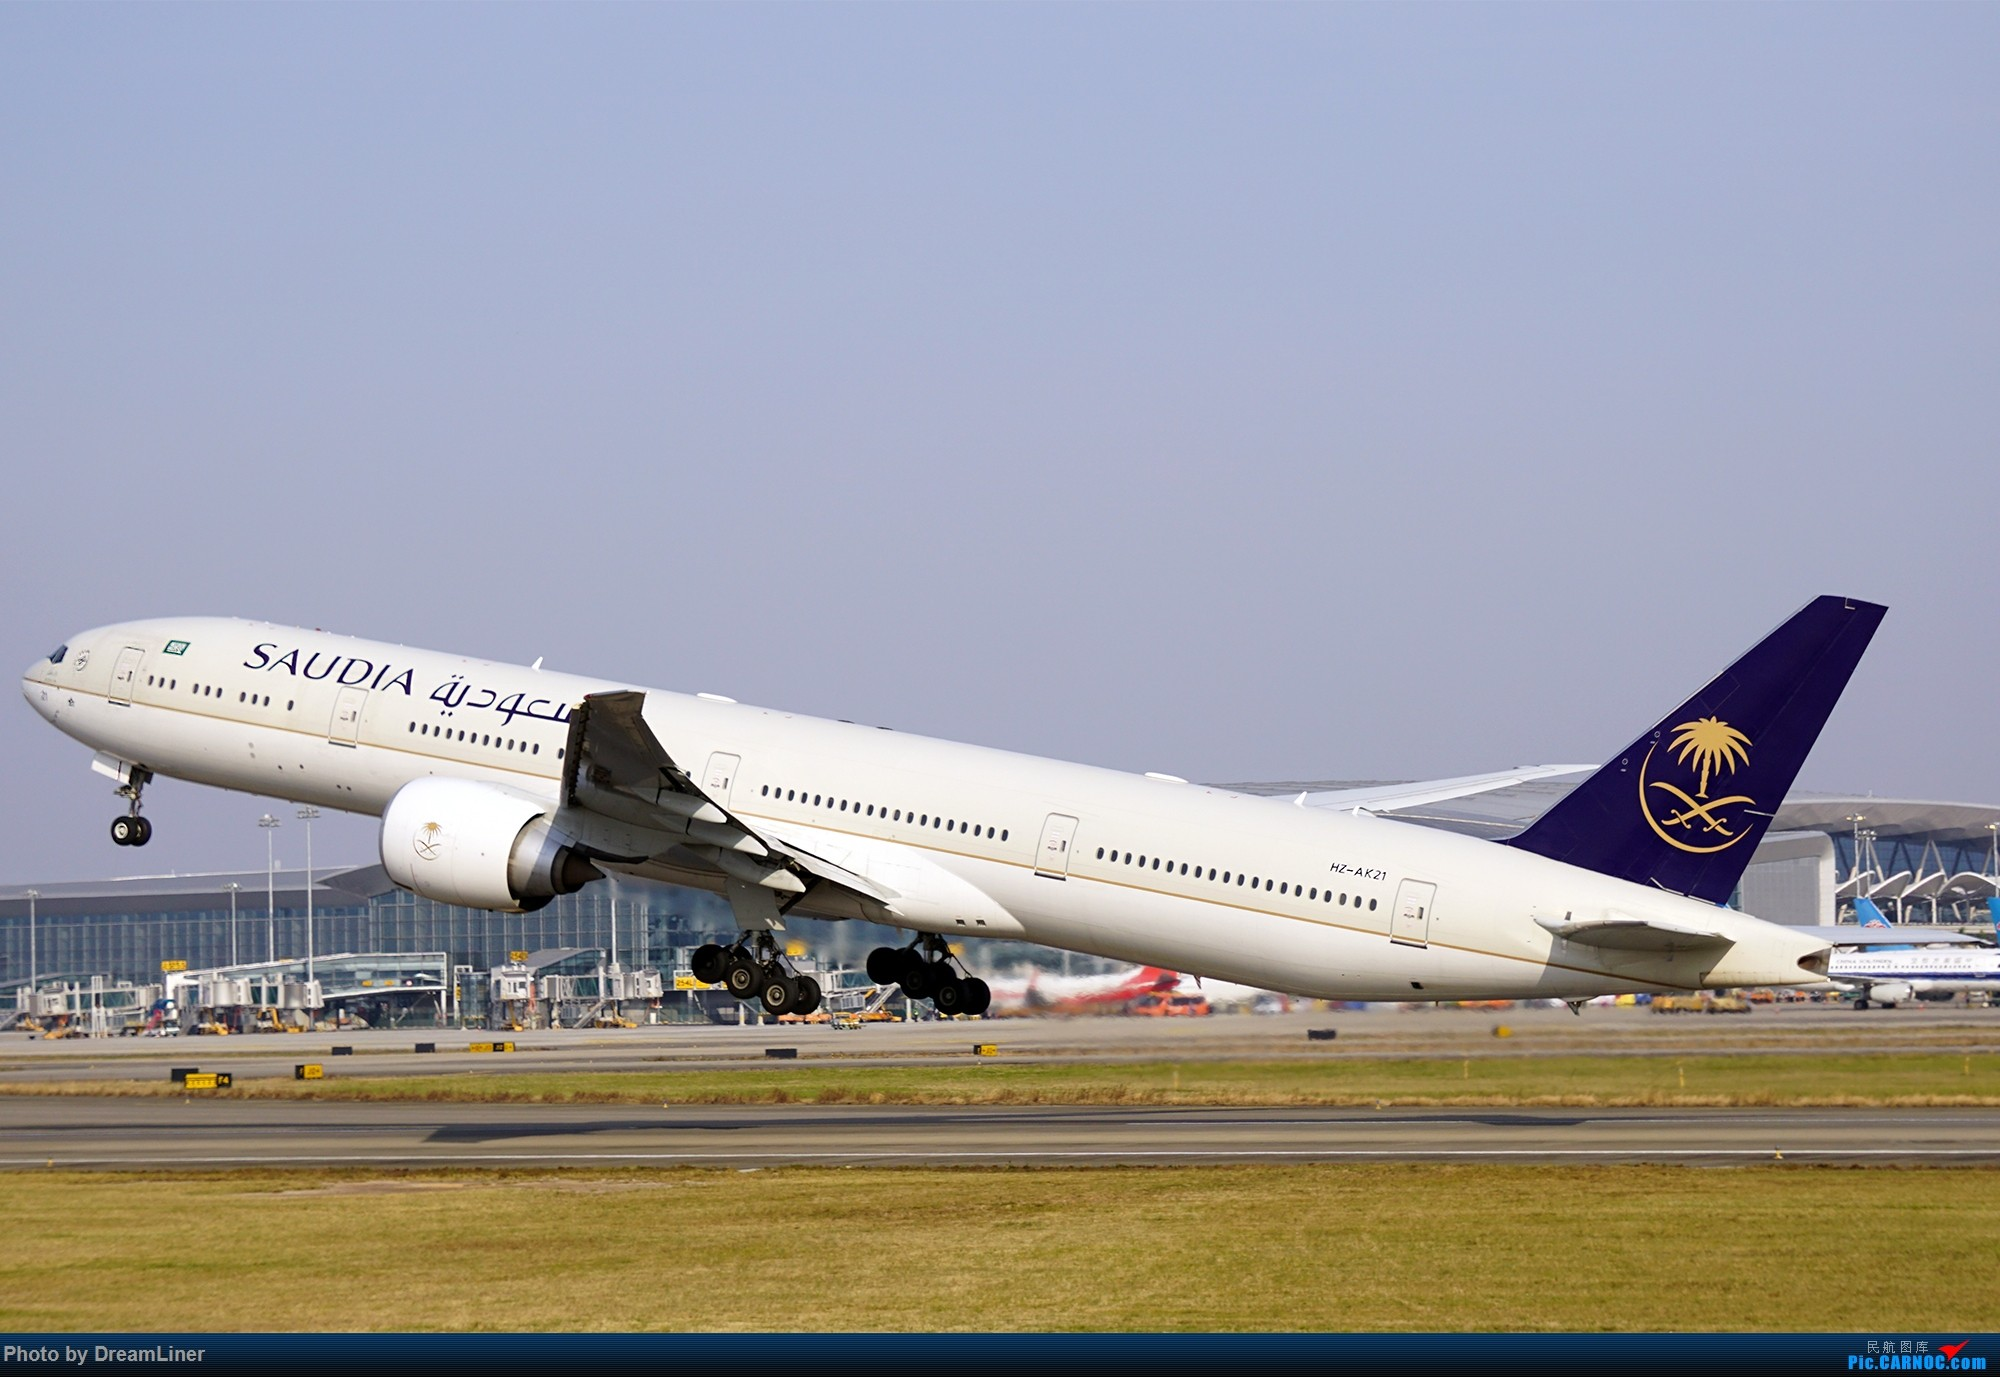 Re:[原创]17年暑假和今年寒假的ZGGG拍机成果 BOEING 777-300ER HZ-AK21 中国广州白云国际机场